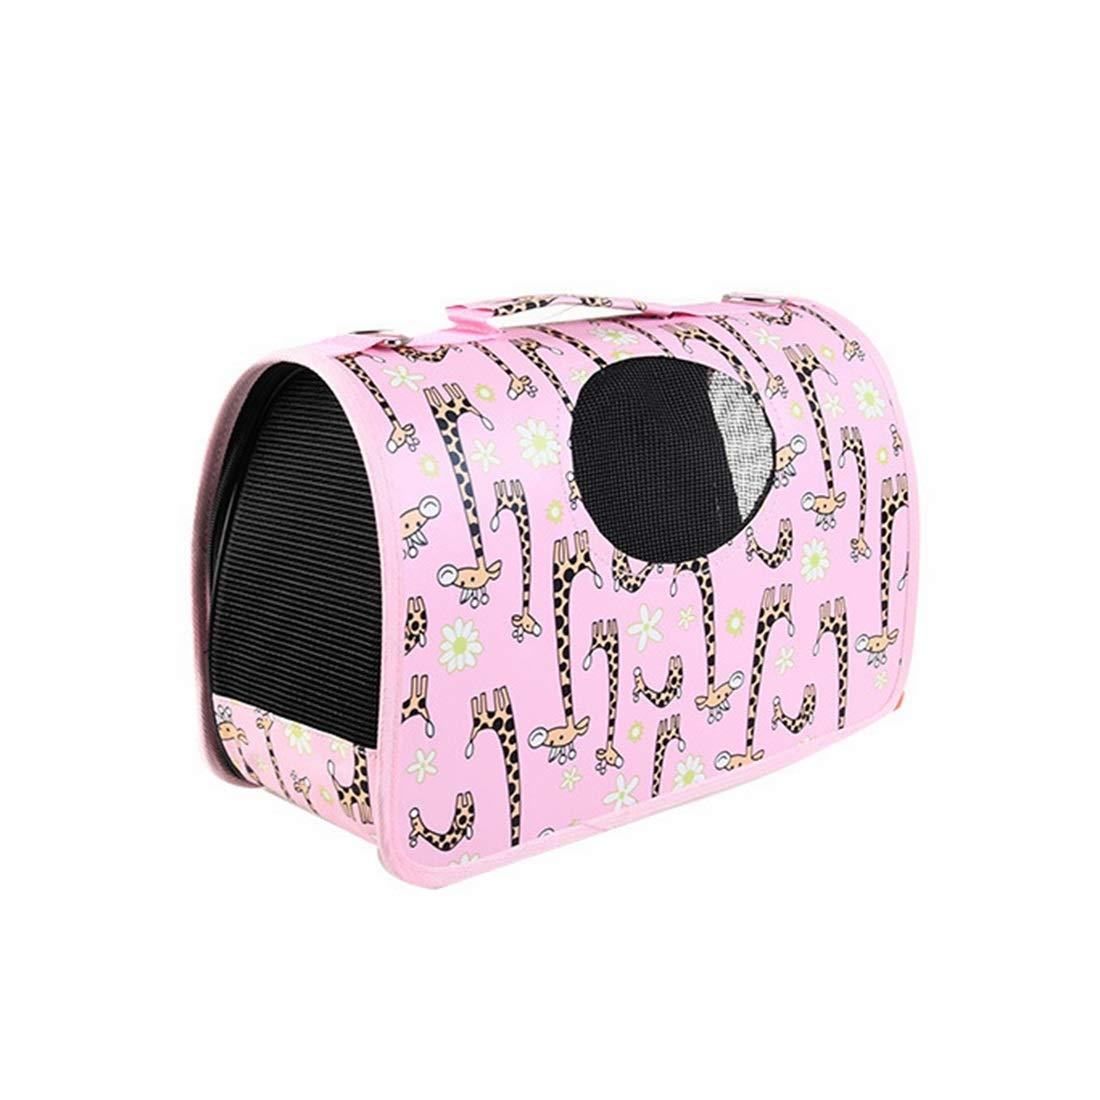 Pink Large Pink Large CEFULTY Pet Diagonal Shoulder Bag Folding Breathable Pressure-Proof Handbag Pet Bag Out Carrying Bag (color   Pink, Size   L)